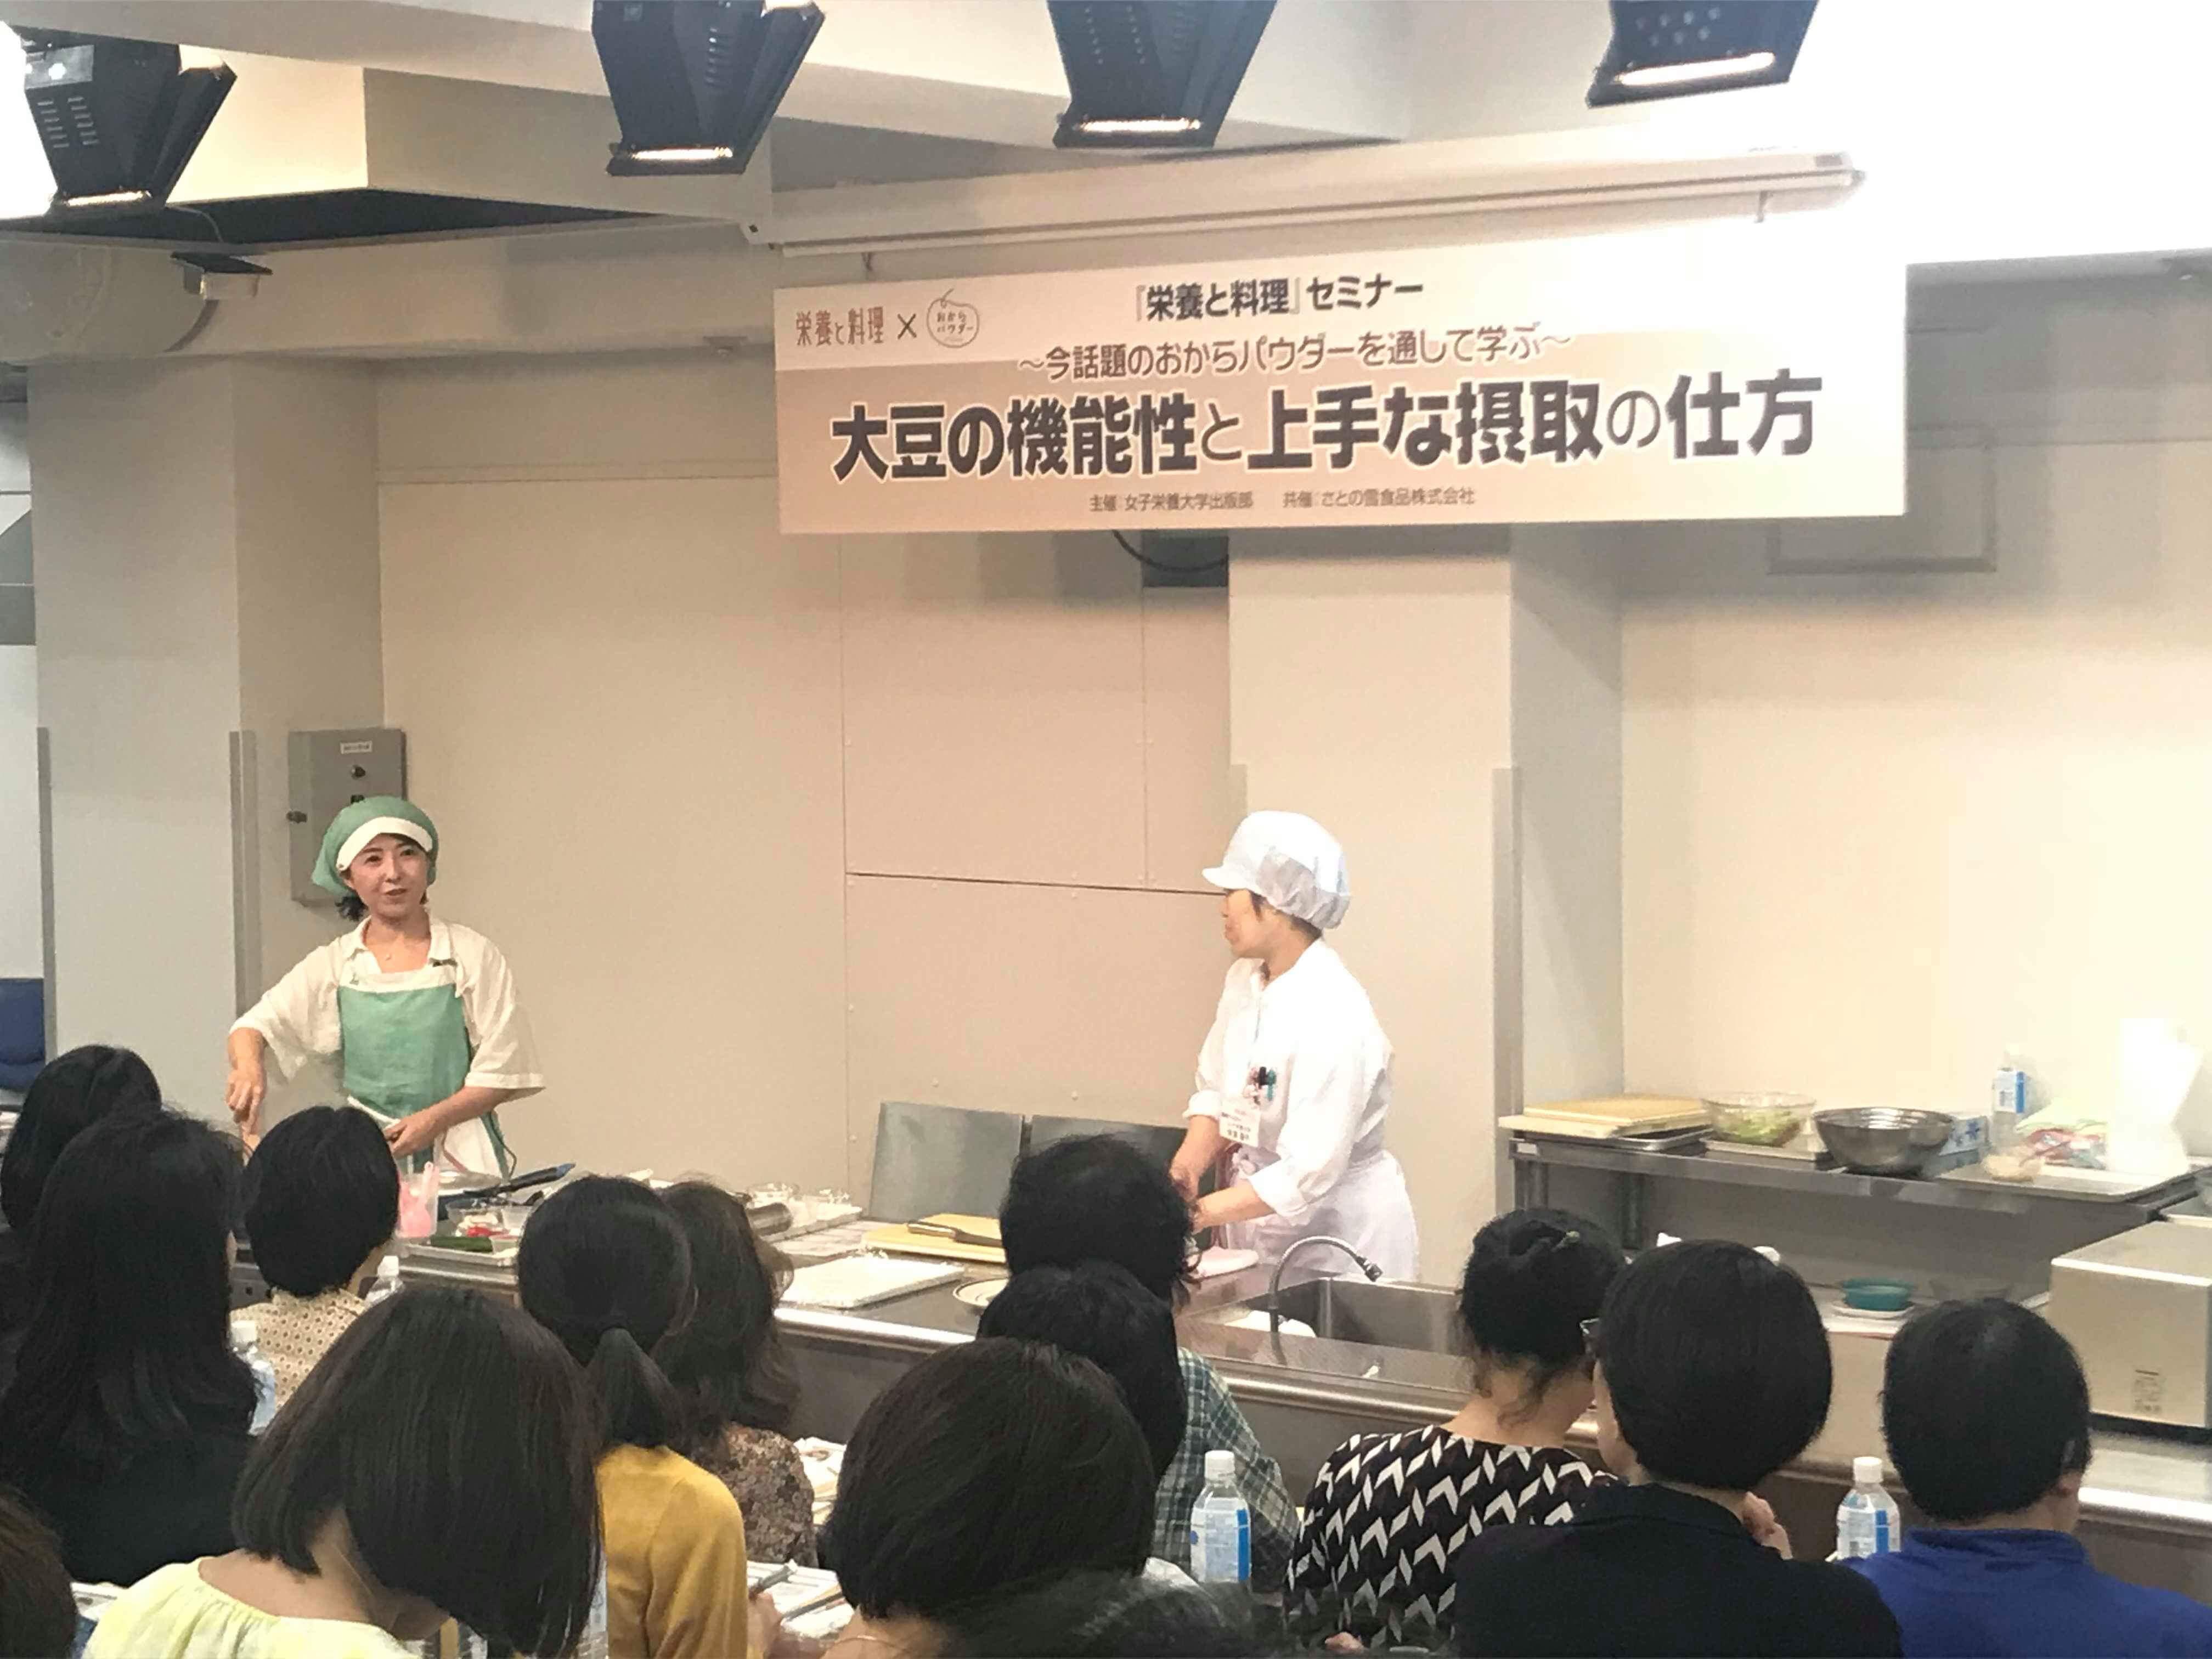 【セミナー料理講師】女子栄養大学×さとの雪食品「今話題のおからパウダーを通して学ぶ大豆の機能性と上手な摂取のしかた」